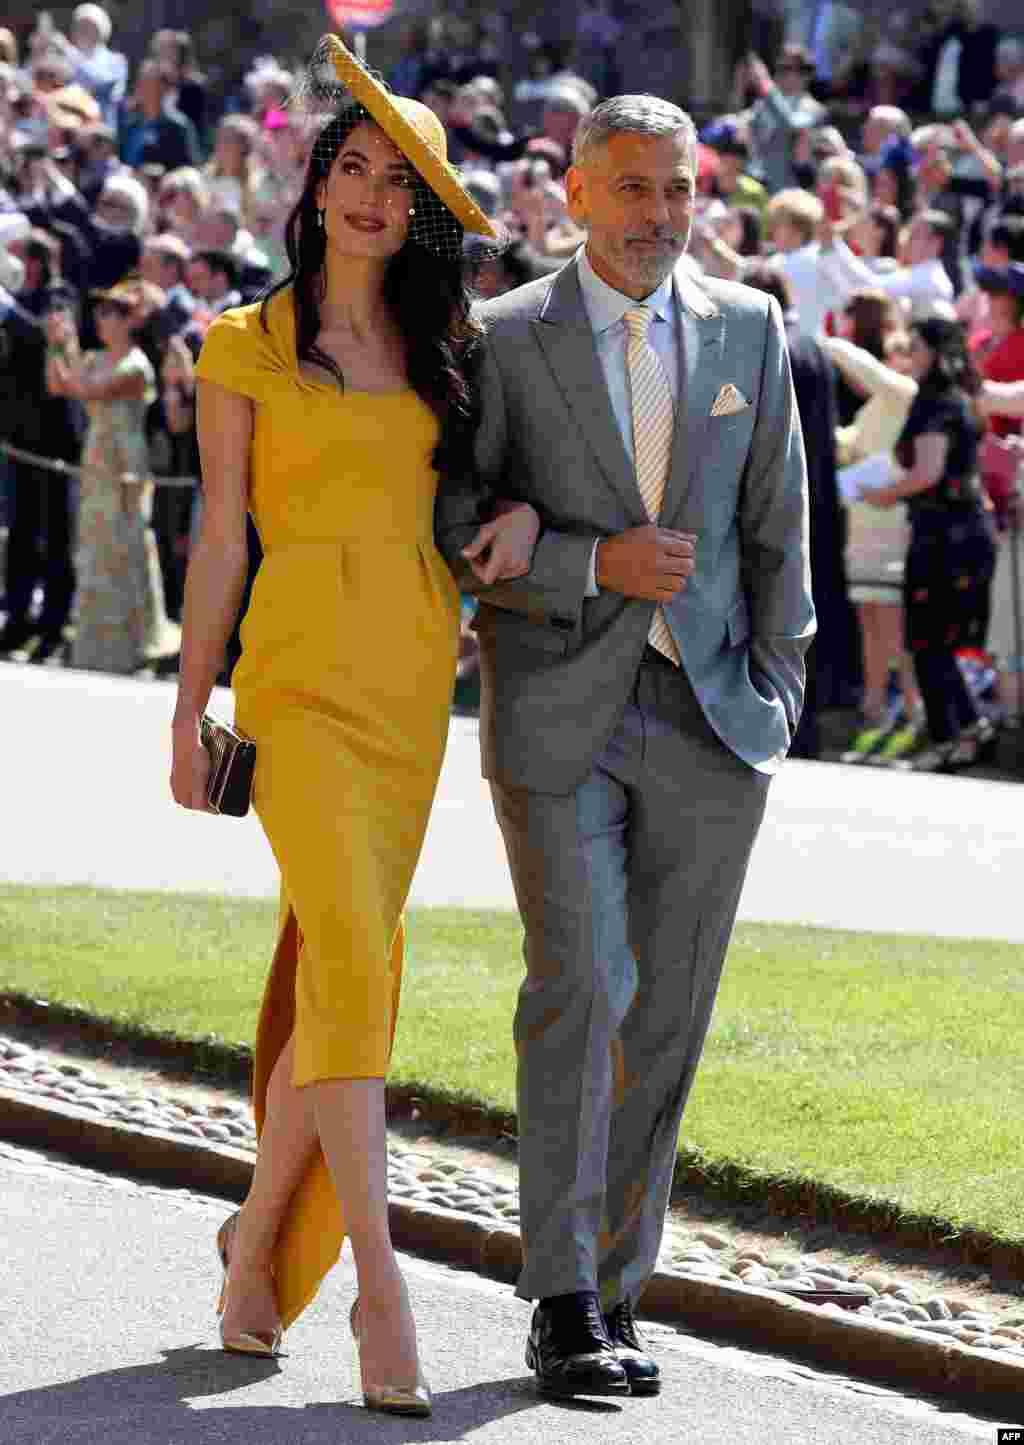 جورج کلونی هنرپیشه آمریکایی و همسرش امل کلونی